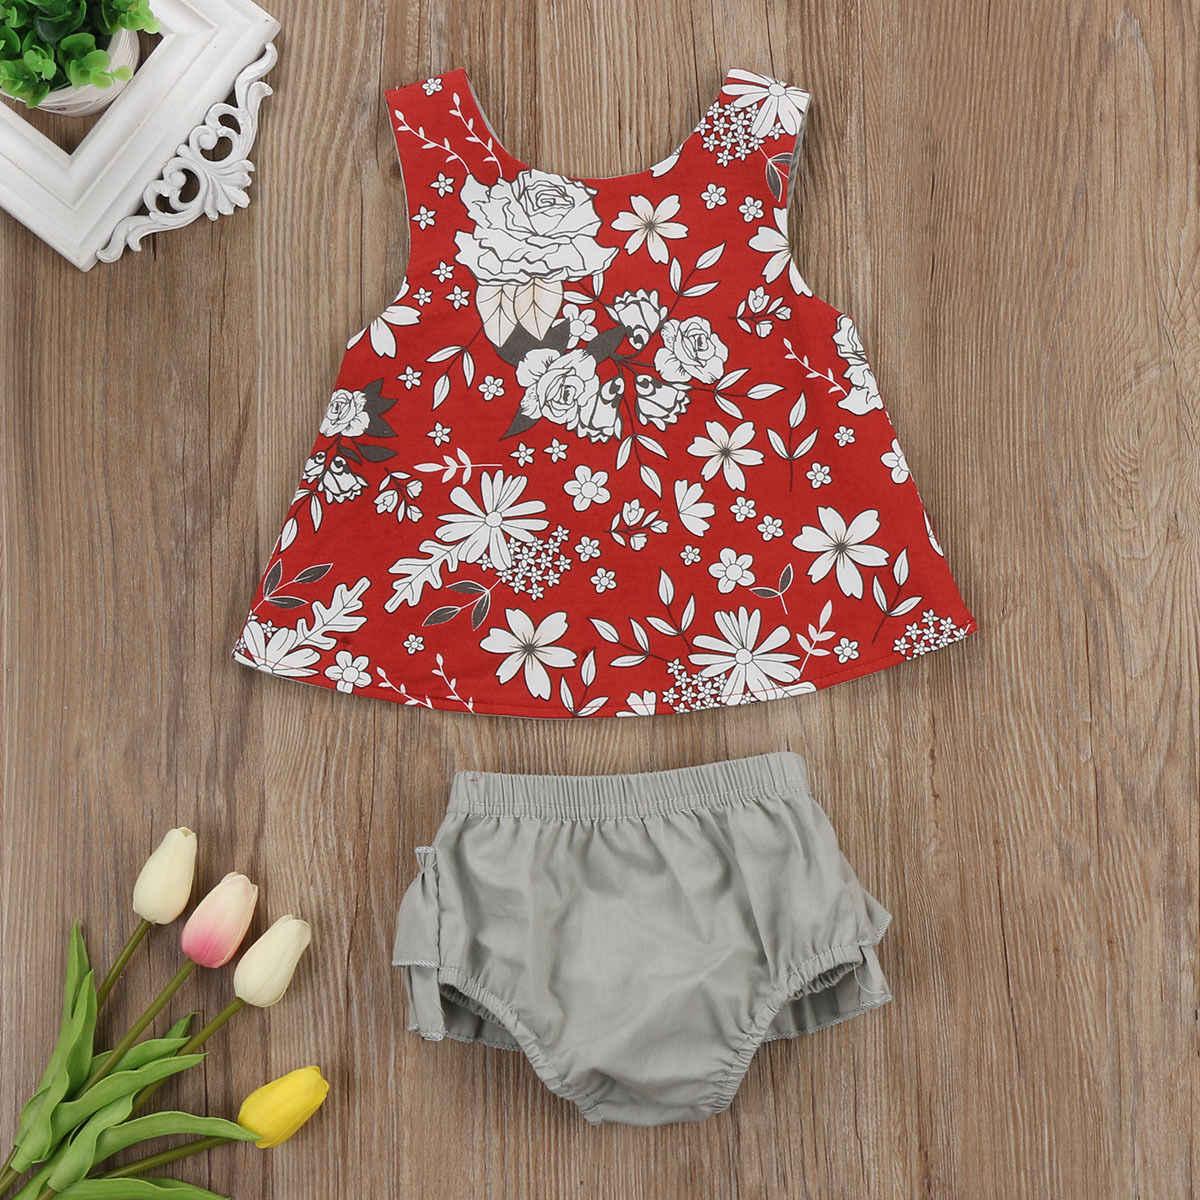 2018 новая модель купального костюма Детские носки с цветочным рисунком для новорожденных девочек одежда, комбинезон, топы, футболка, комплект из 2 предметов комплект CH